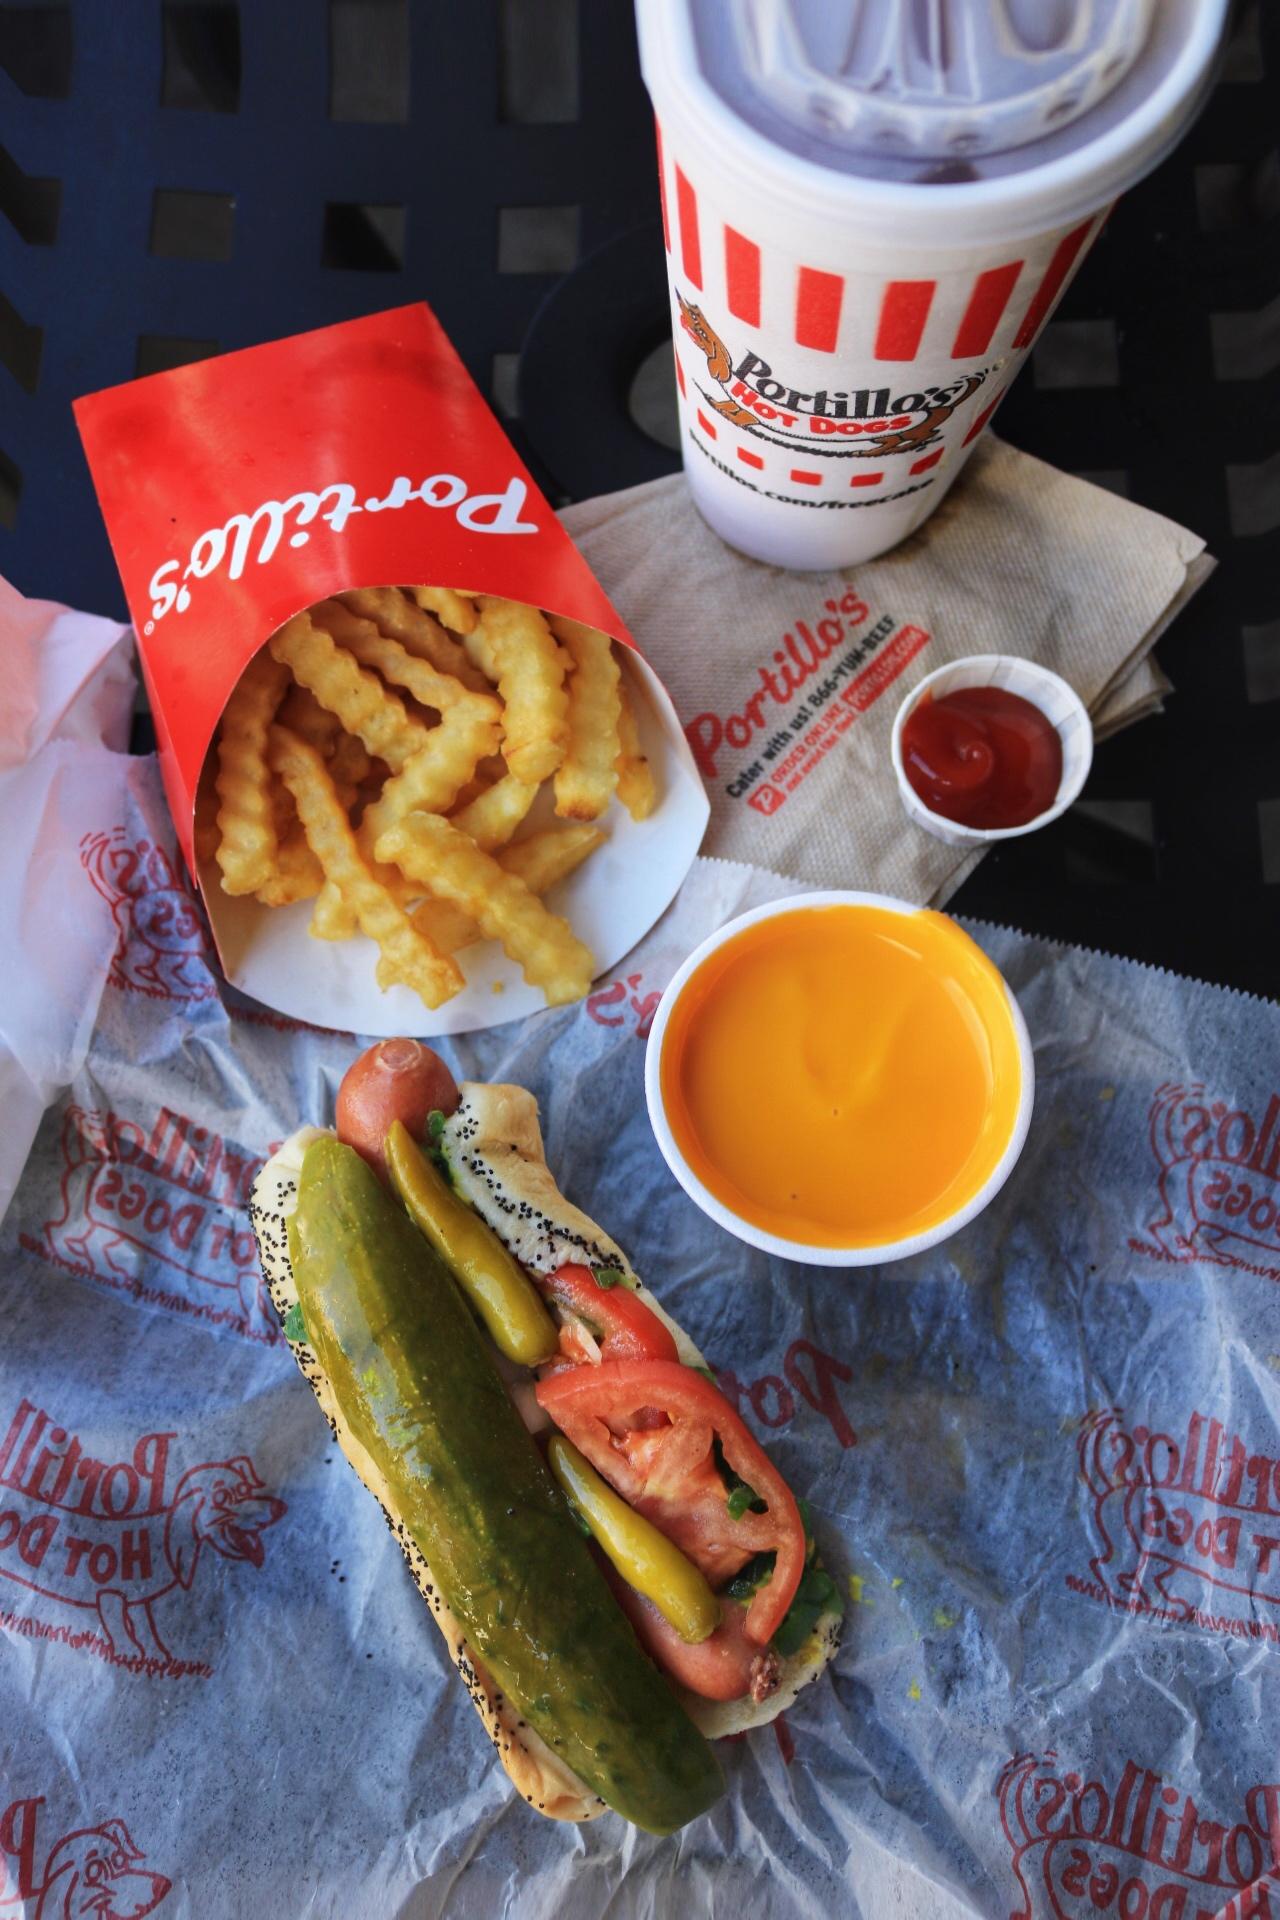 Portillos Hot Dogs Chicago